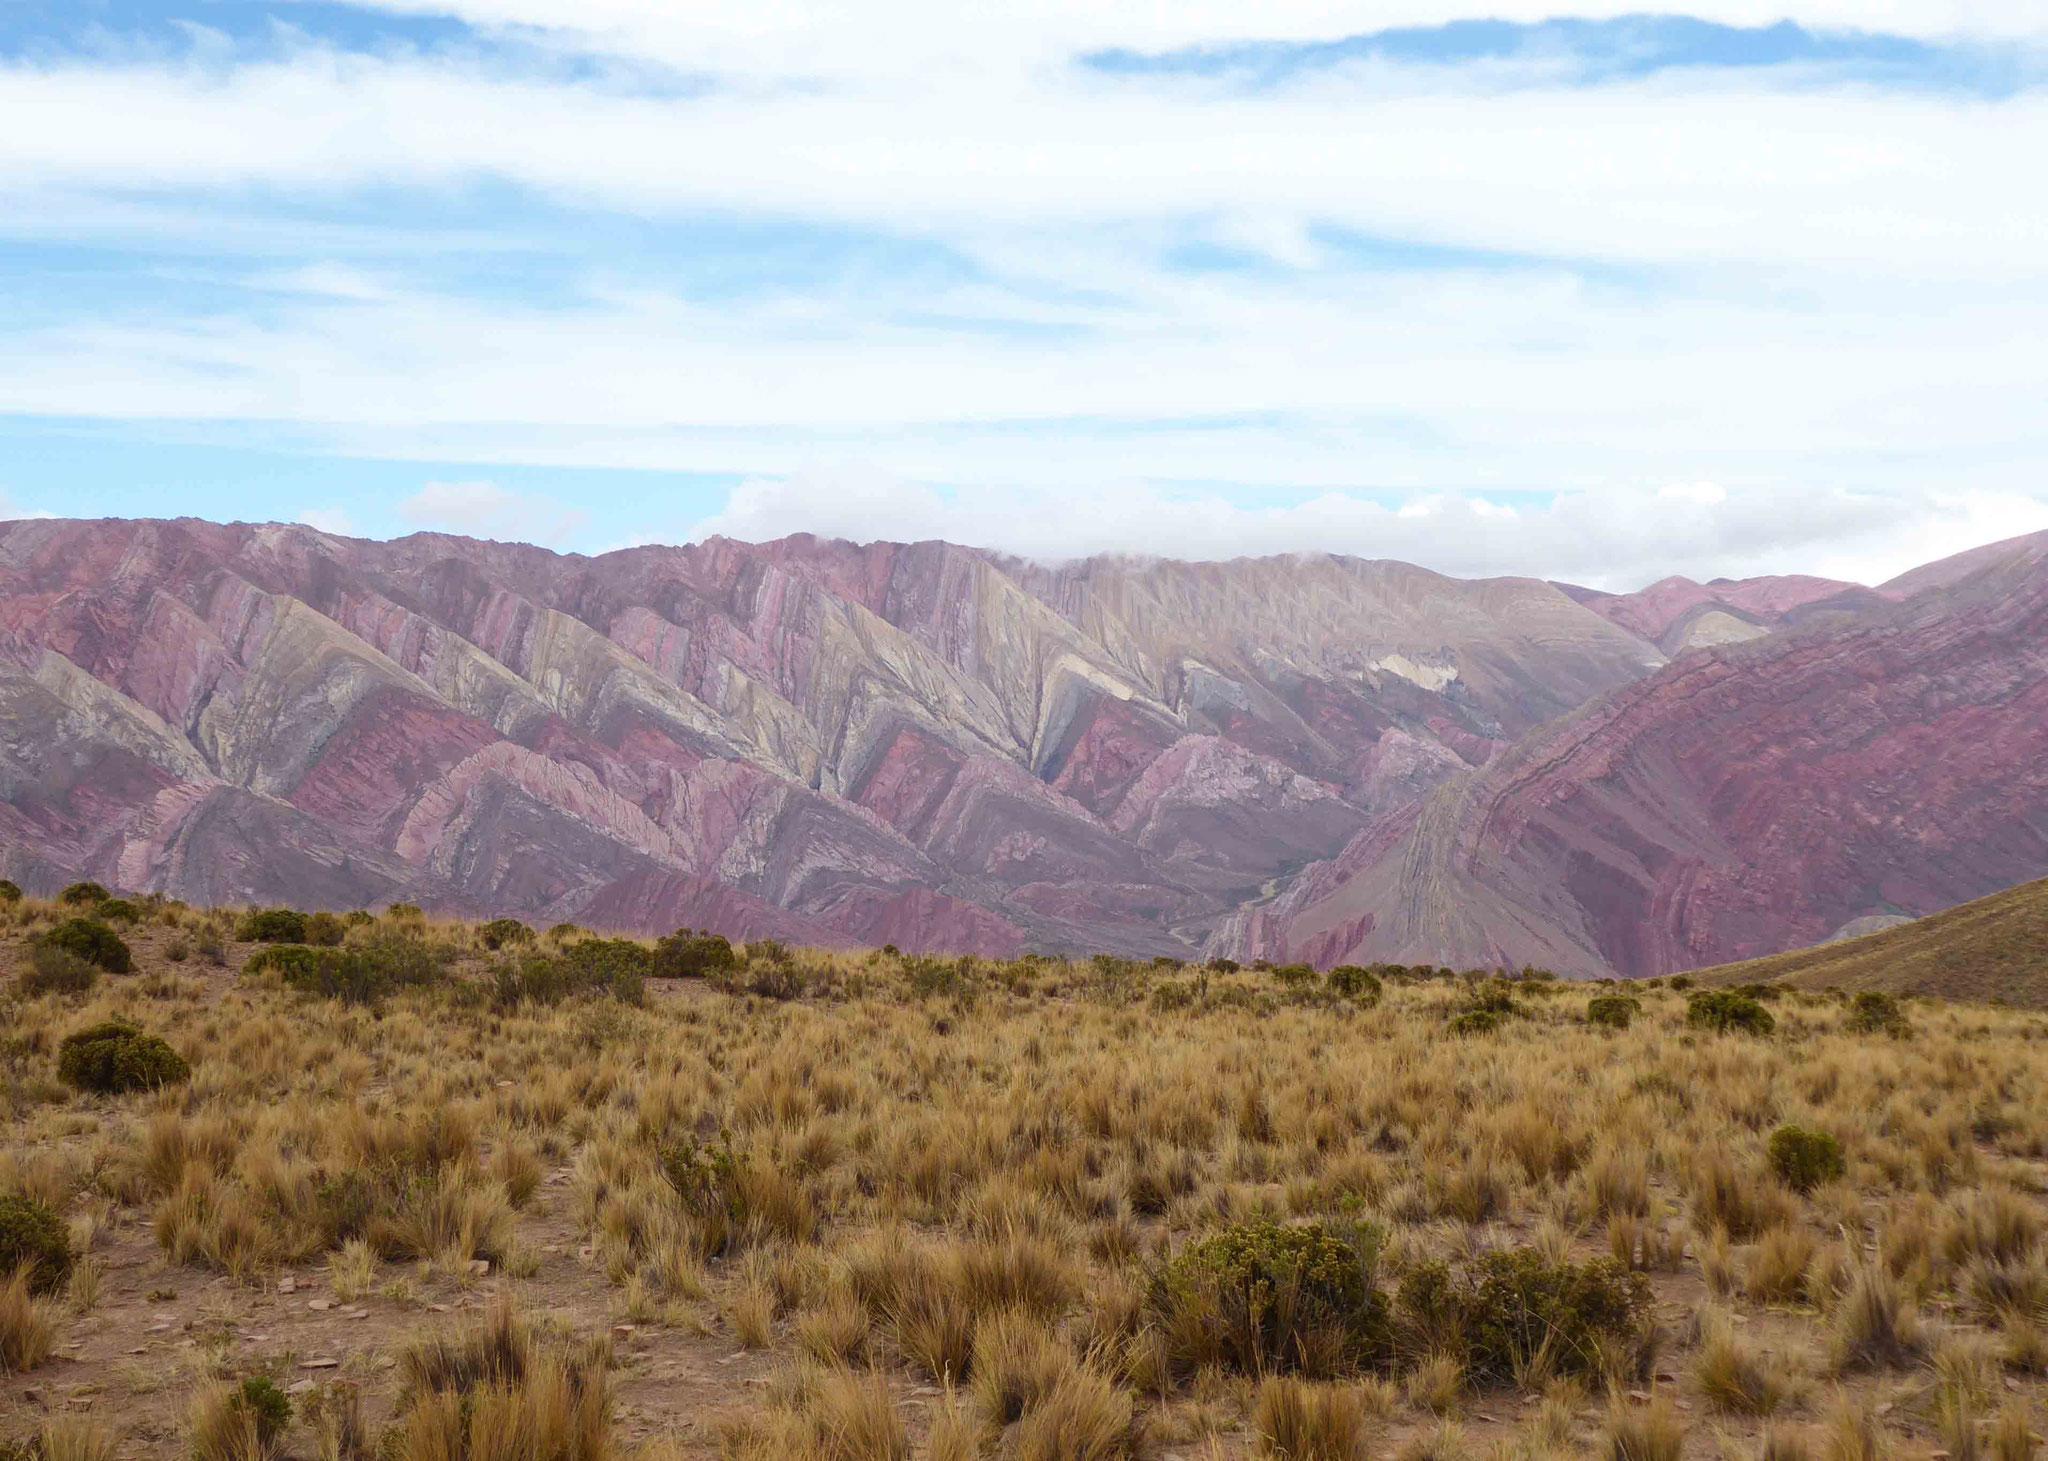 Montagne aux 14 couleurs de Hornocal (4350 m)